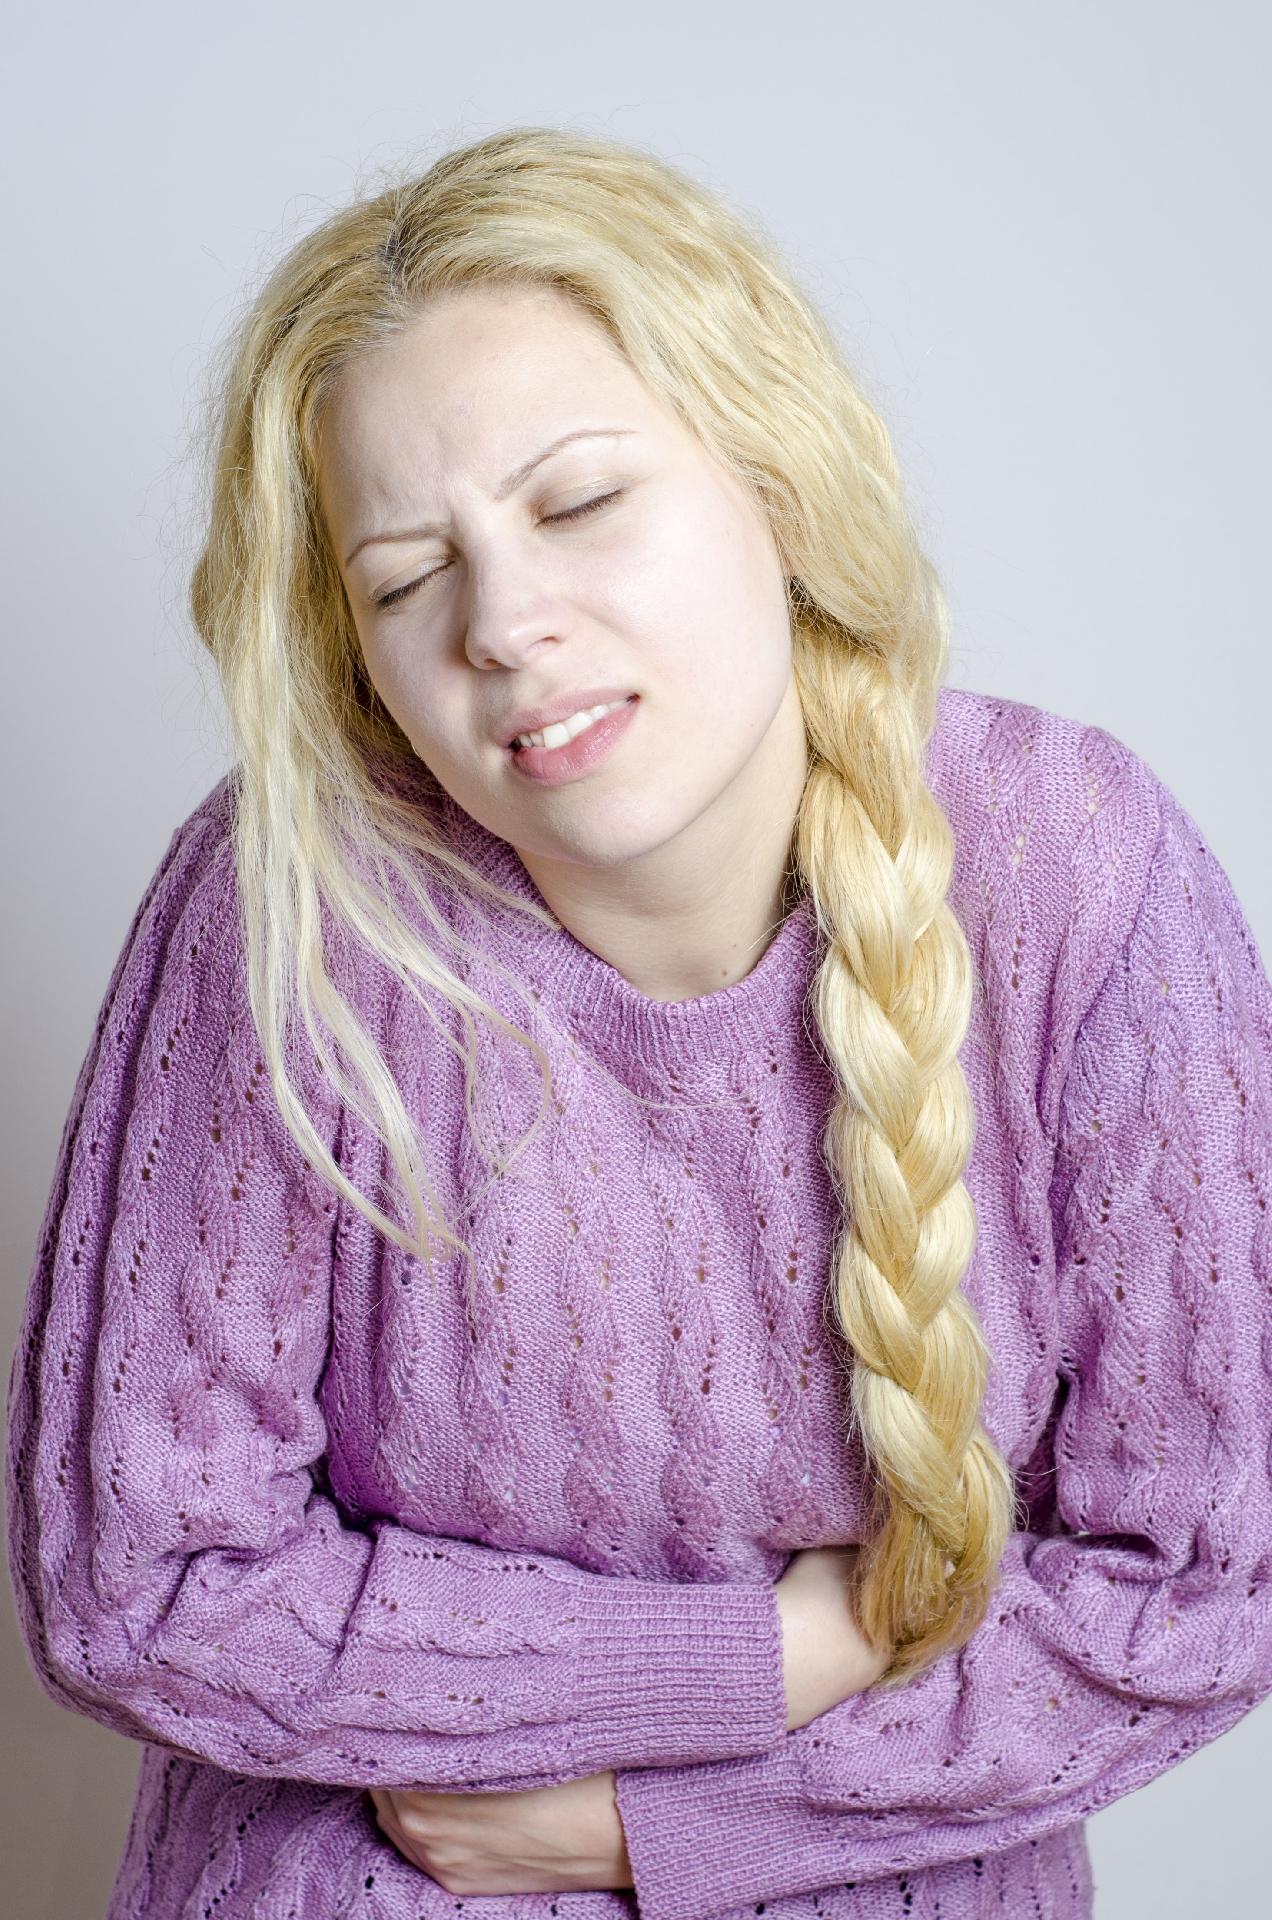 空腹時のカフェイン摂取の危険性!下痢や吐き気をおこすから注意!